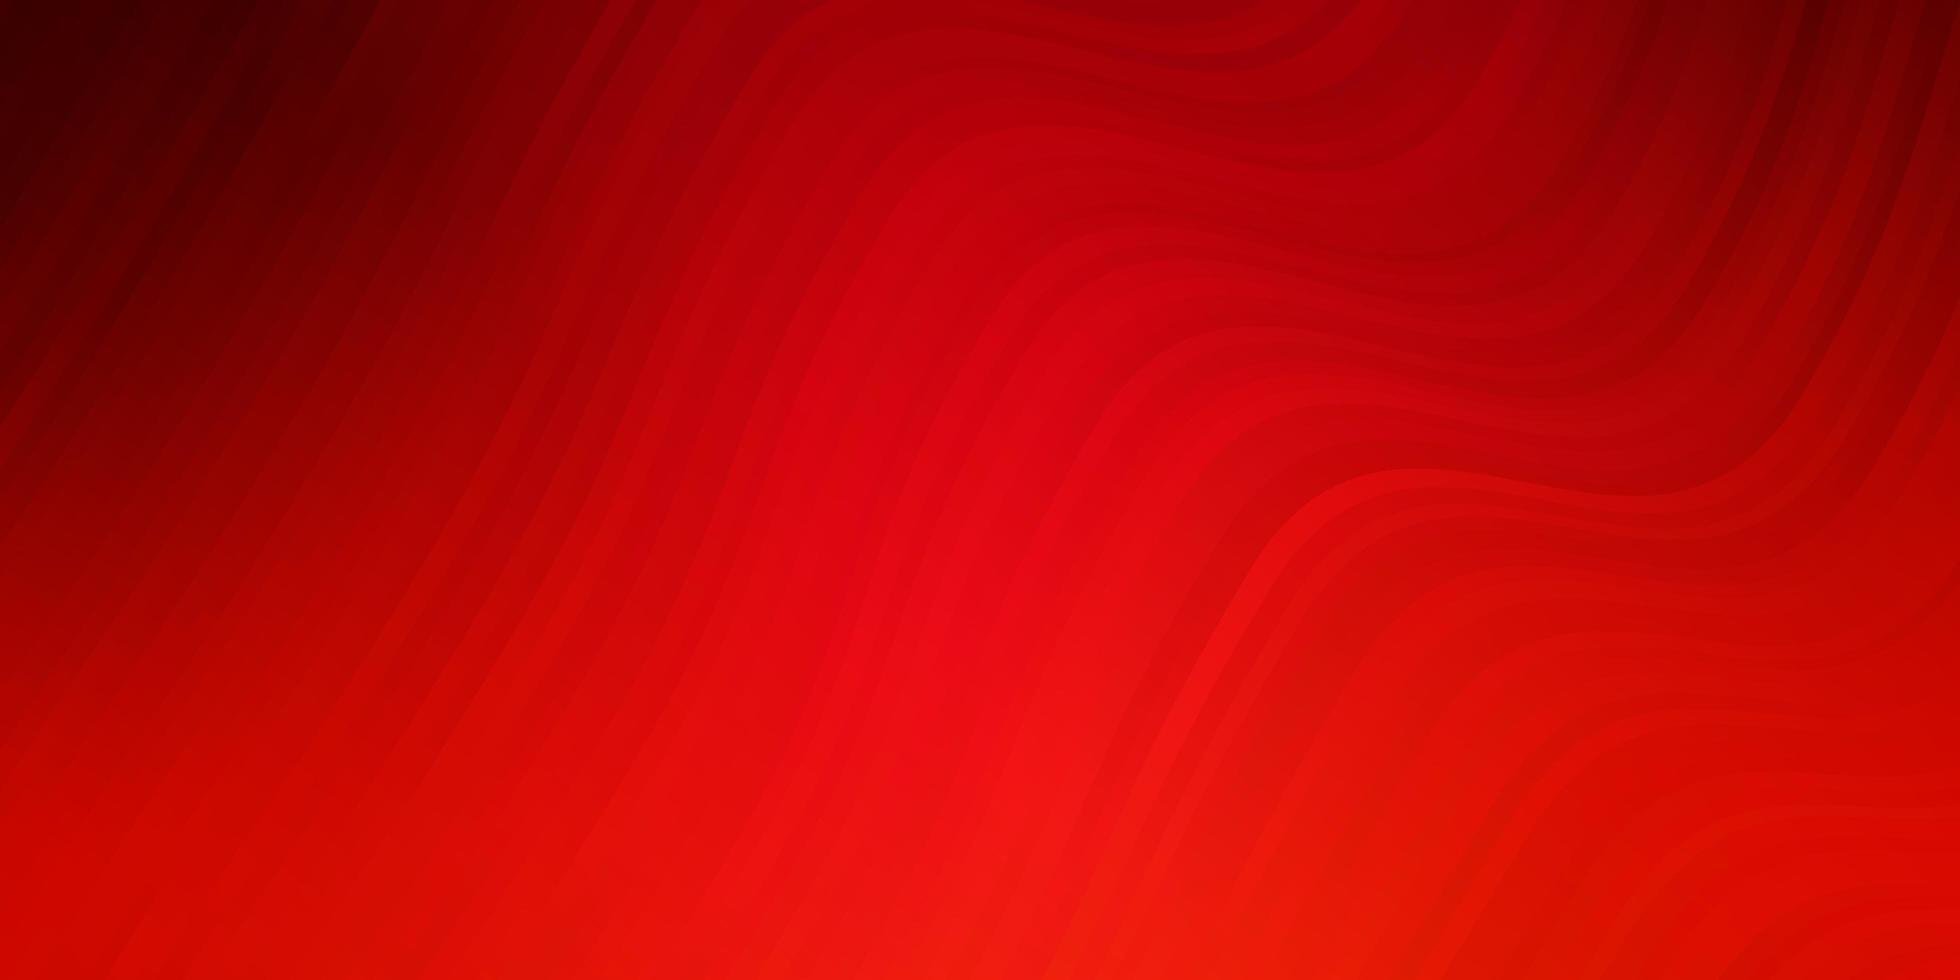 lichtrode vector achtergrond met gebogen lijnen.